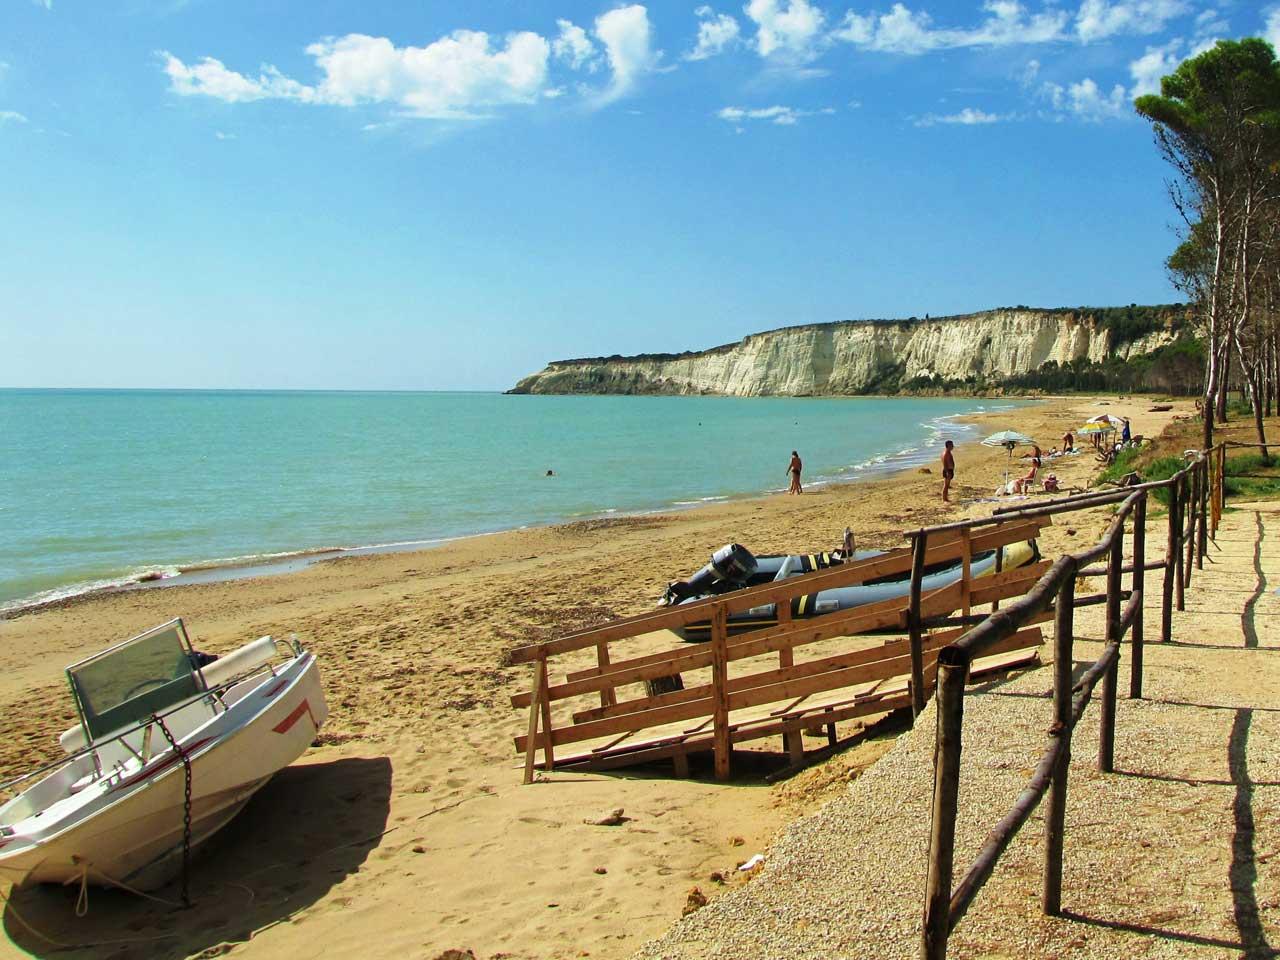 Spiaggia di Eraclea Minoa